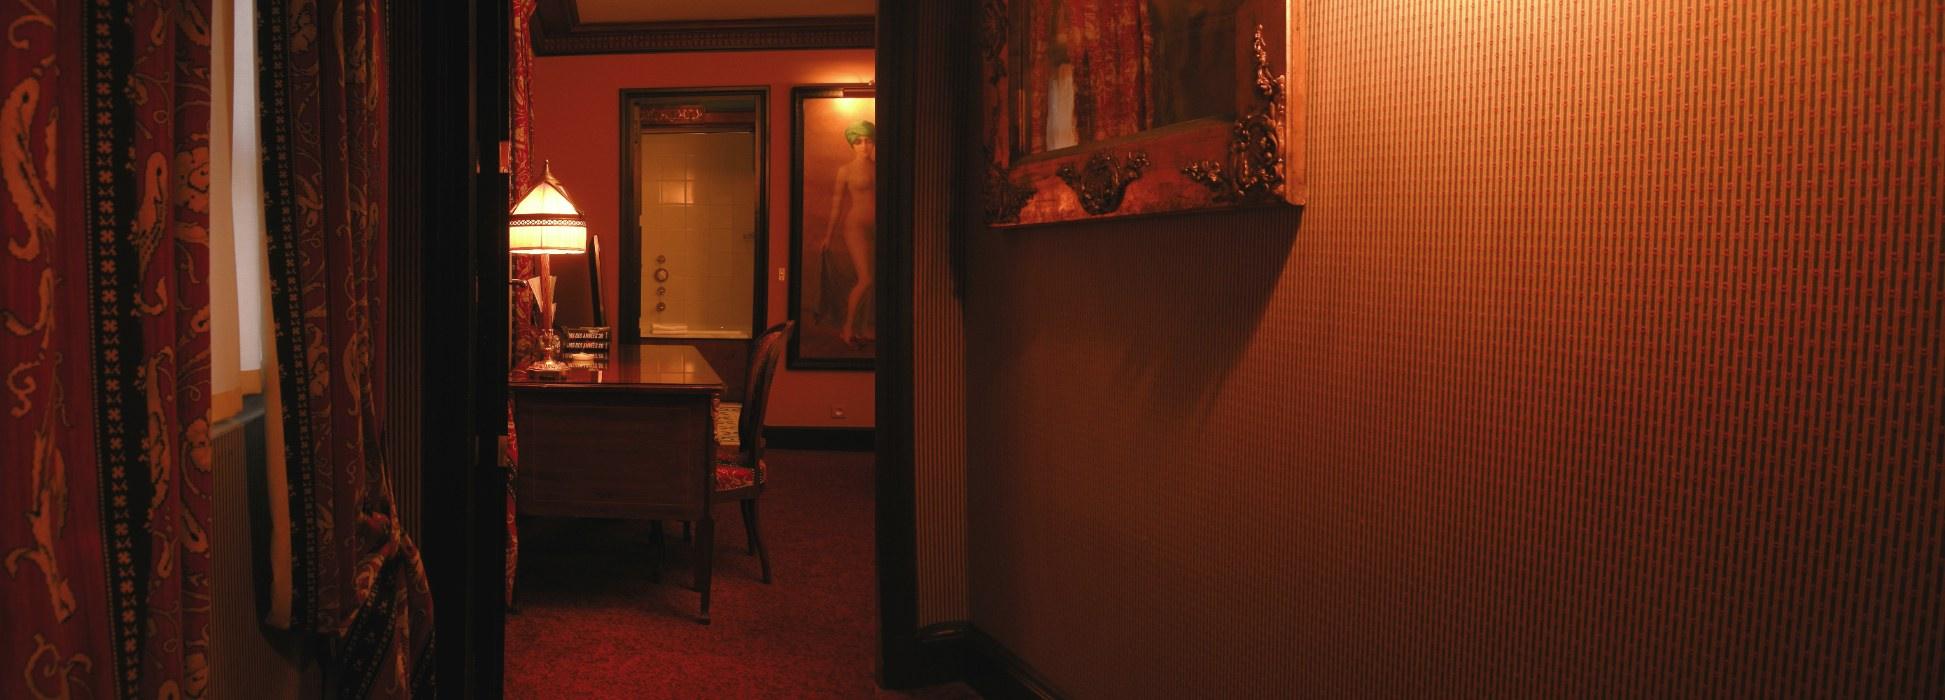 hotel-costes-paris-4